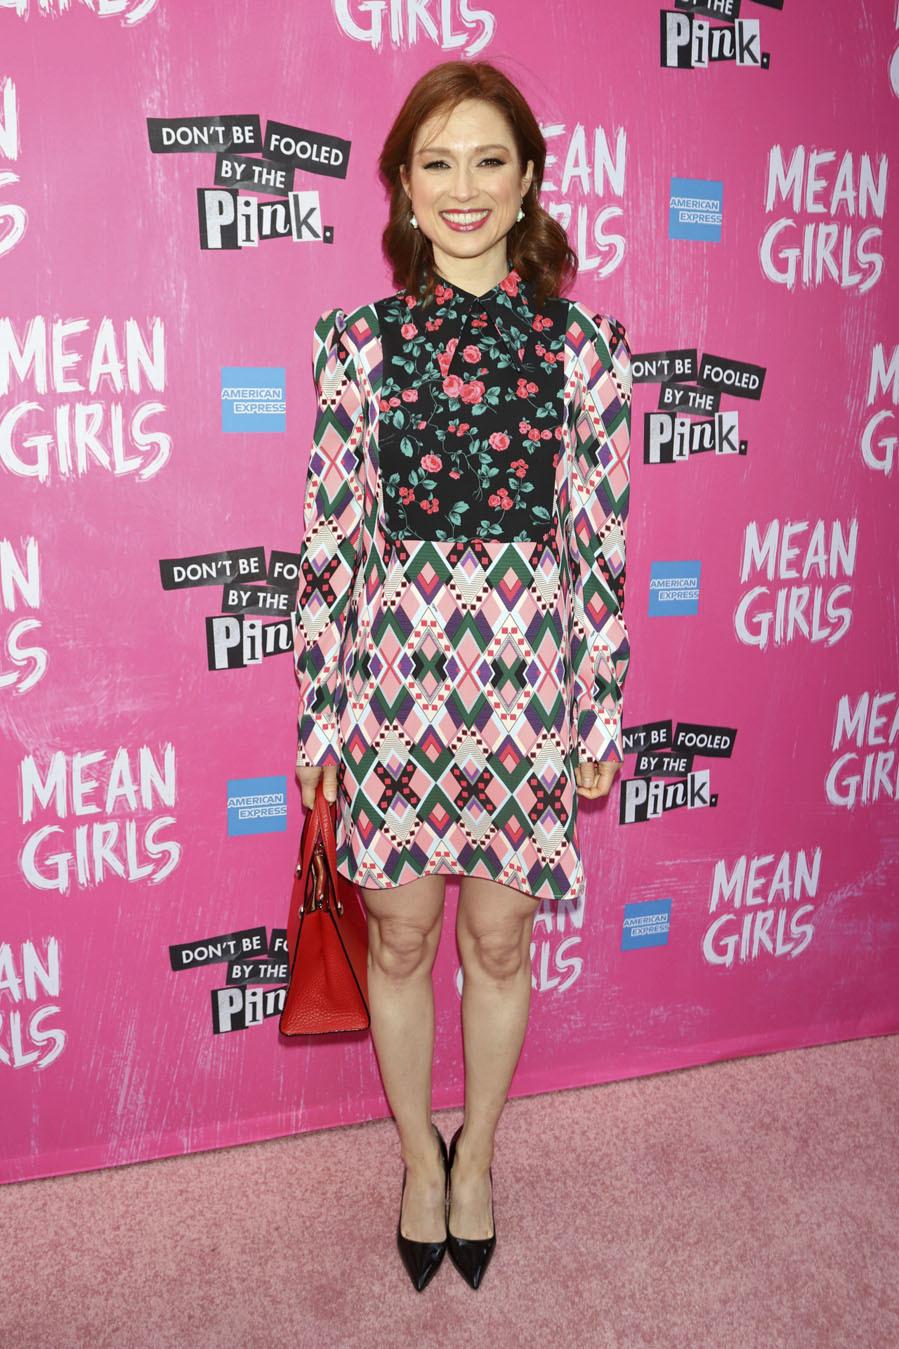 ee1846c6c2 Ellie Kemper con vestido de estampado geométrico y floral en tonos rosas